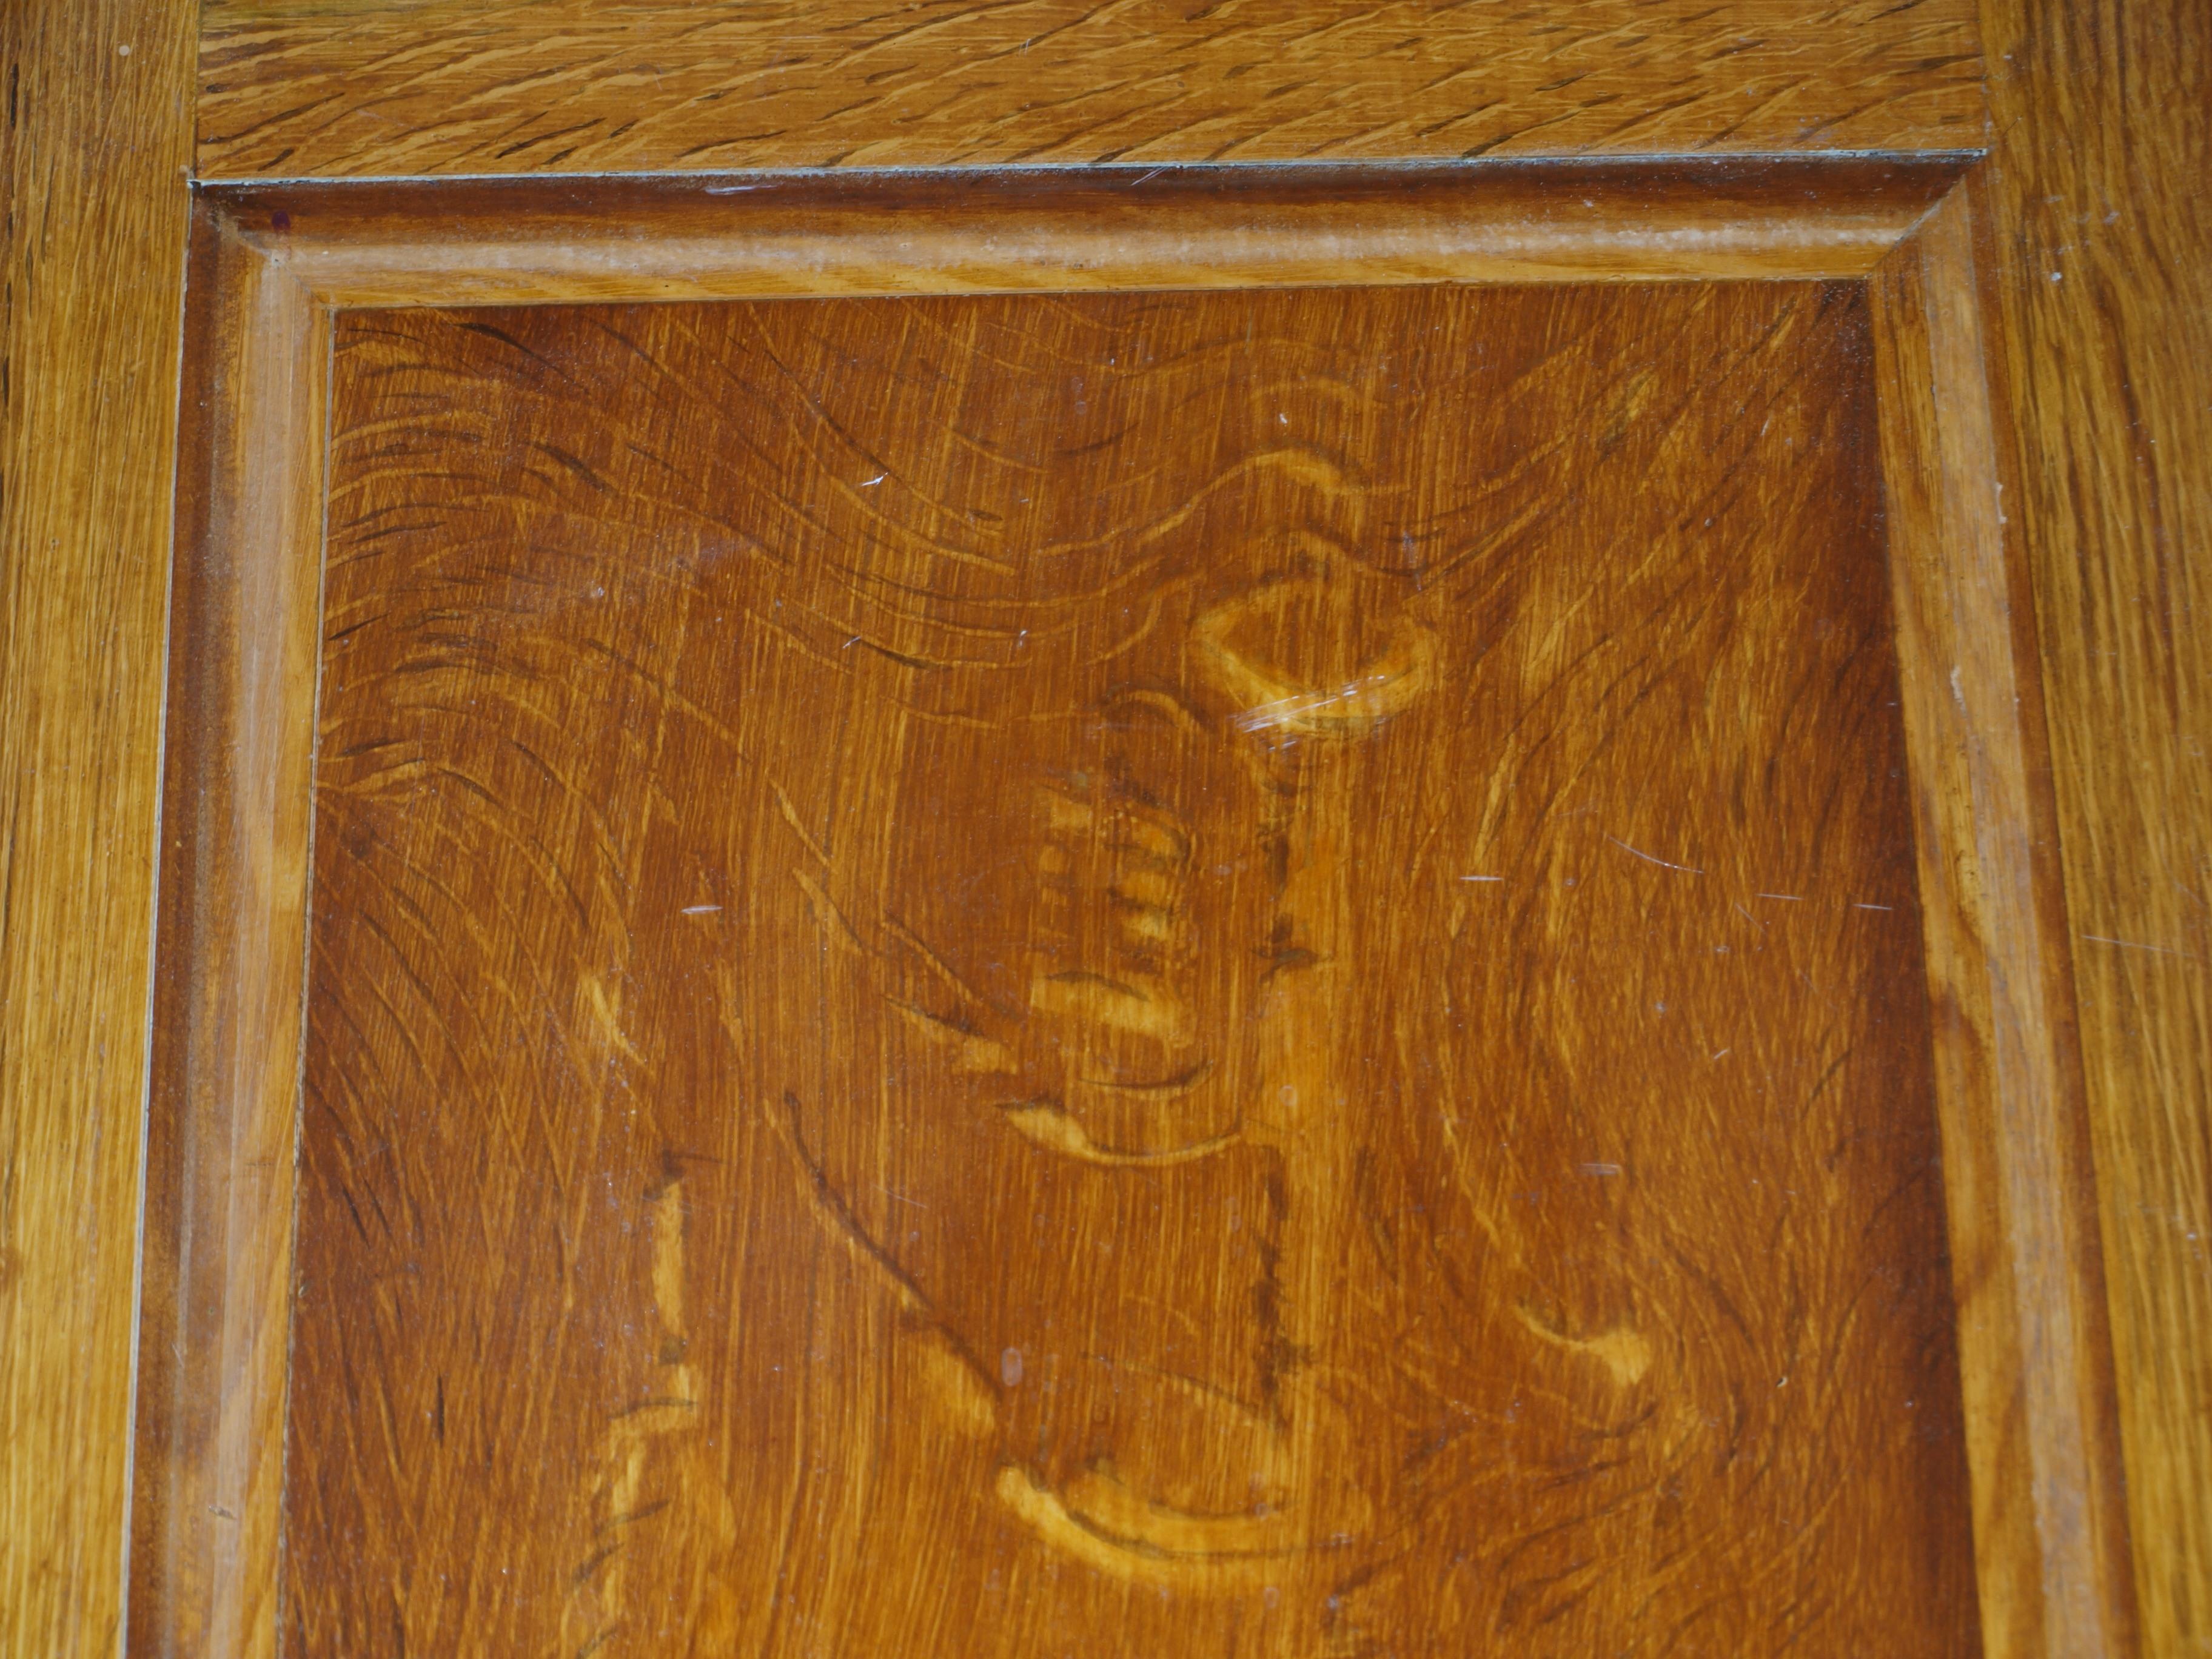 Tromp l'oeil quartered oak